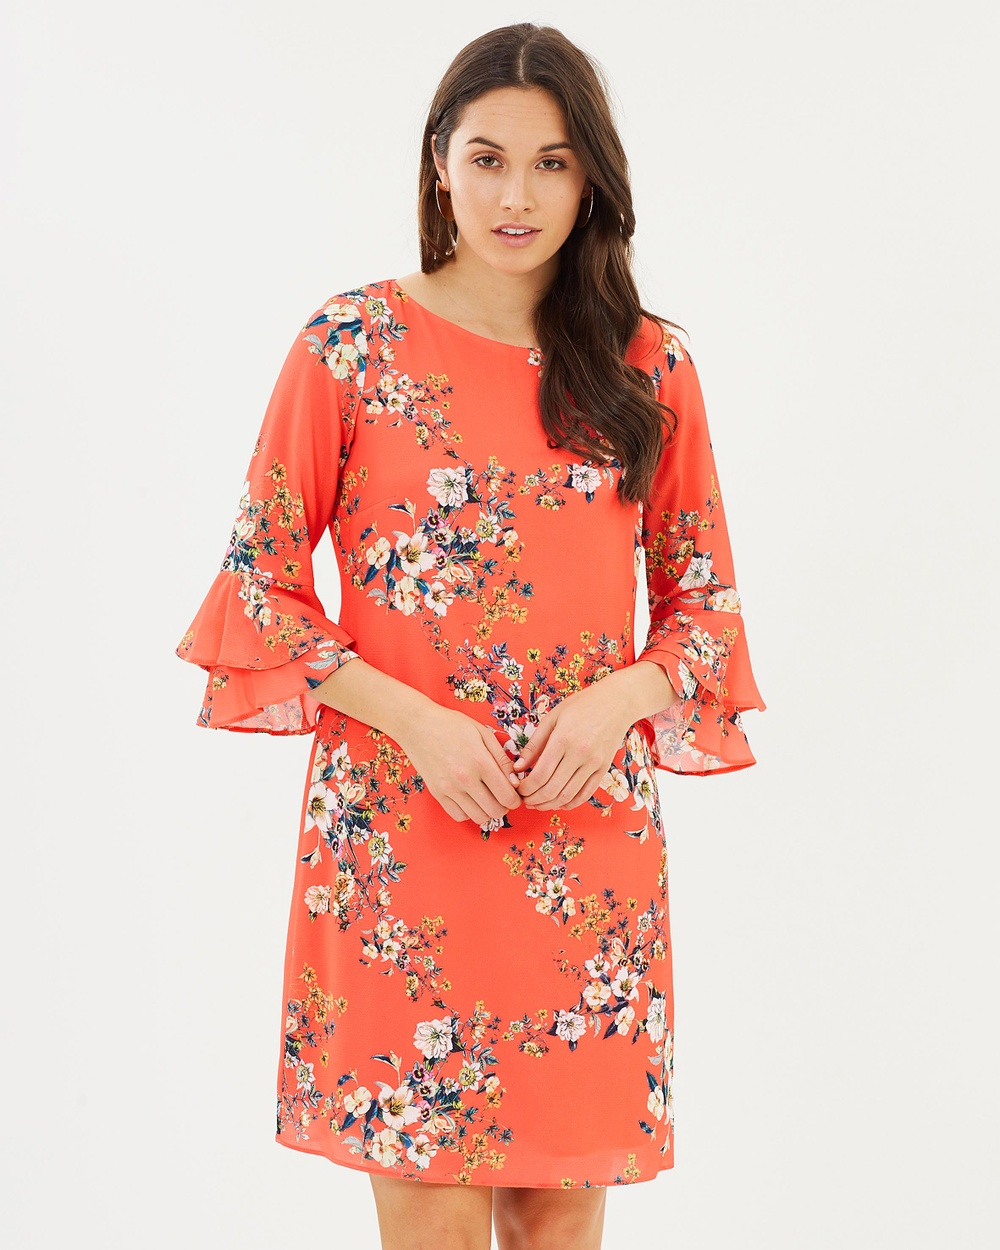 Wallis Floral Double Flute Dress Dresses Coral Floral Double Flute Dress